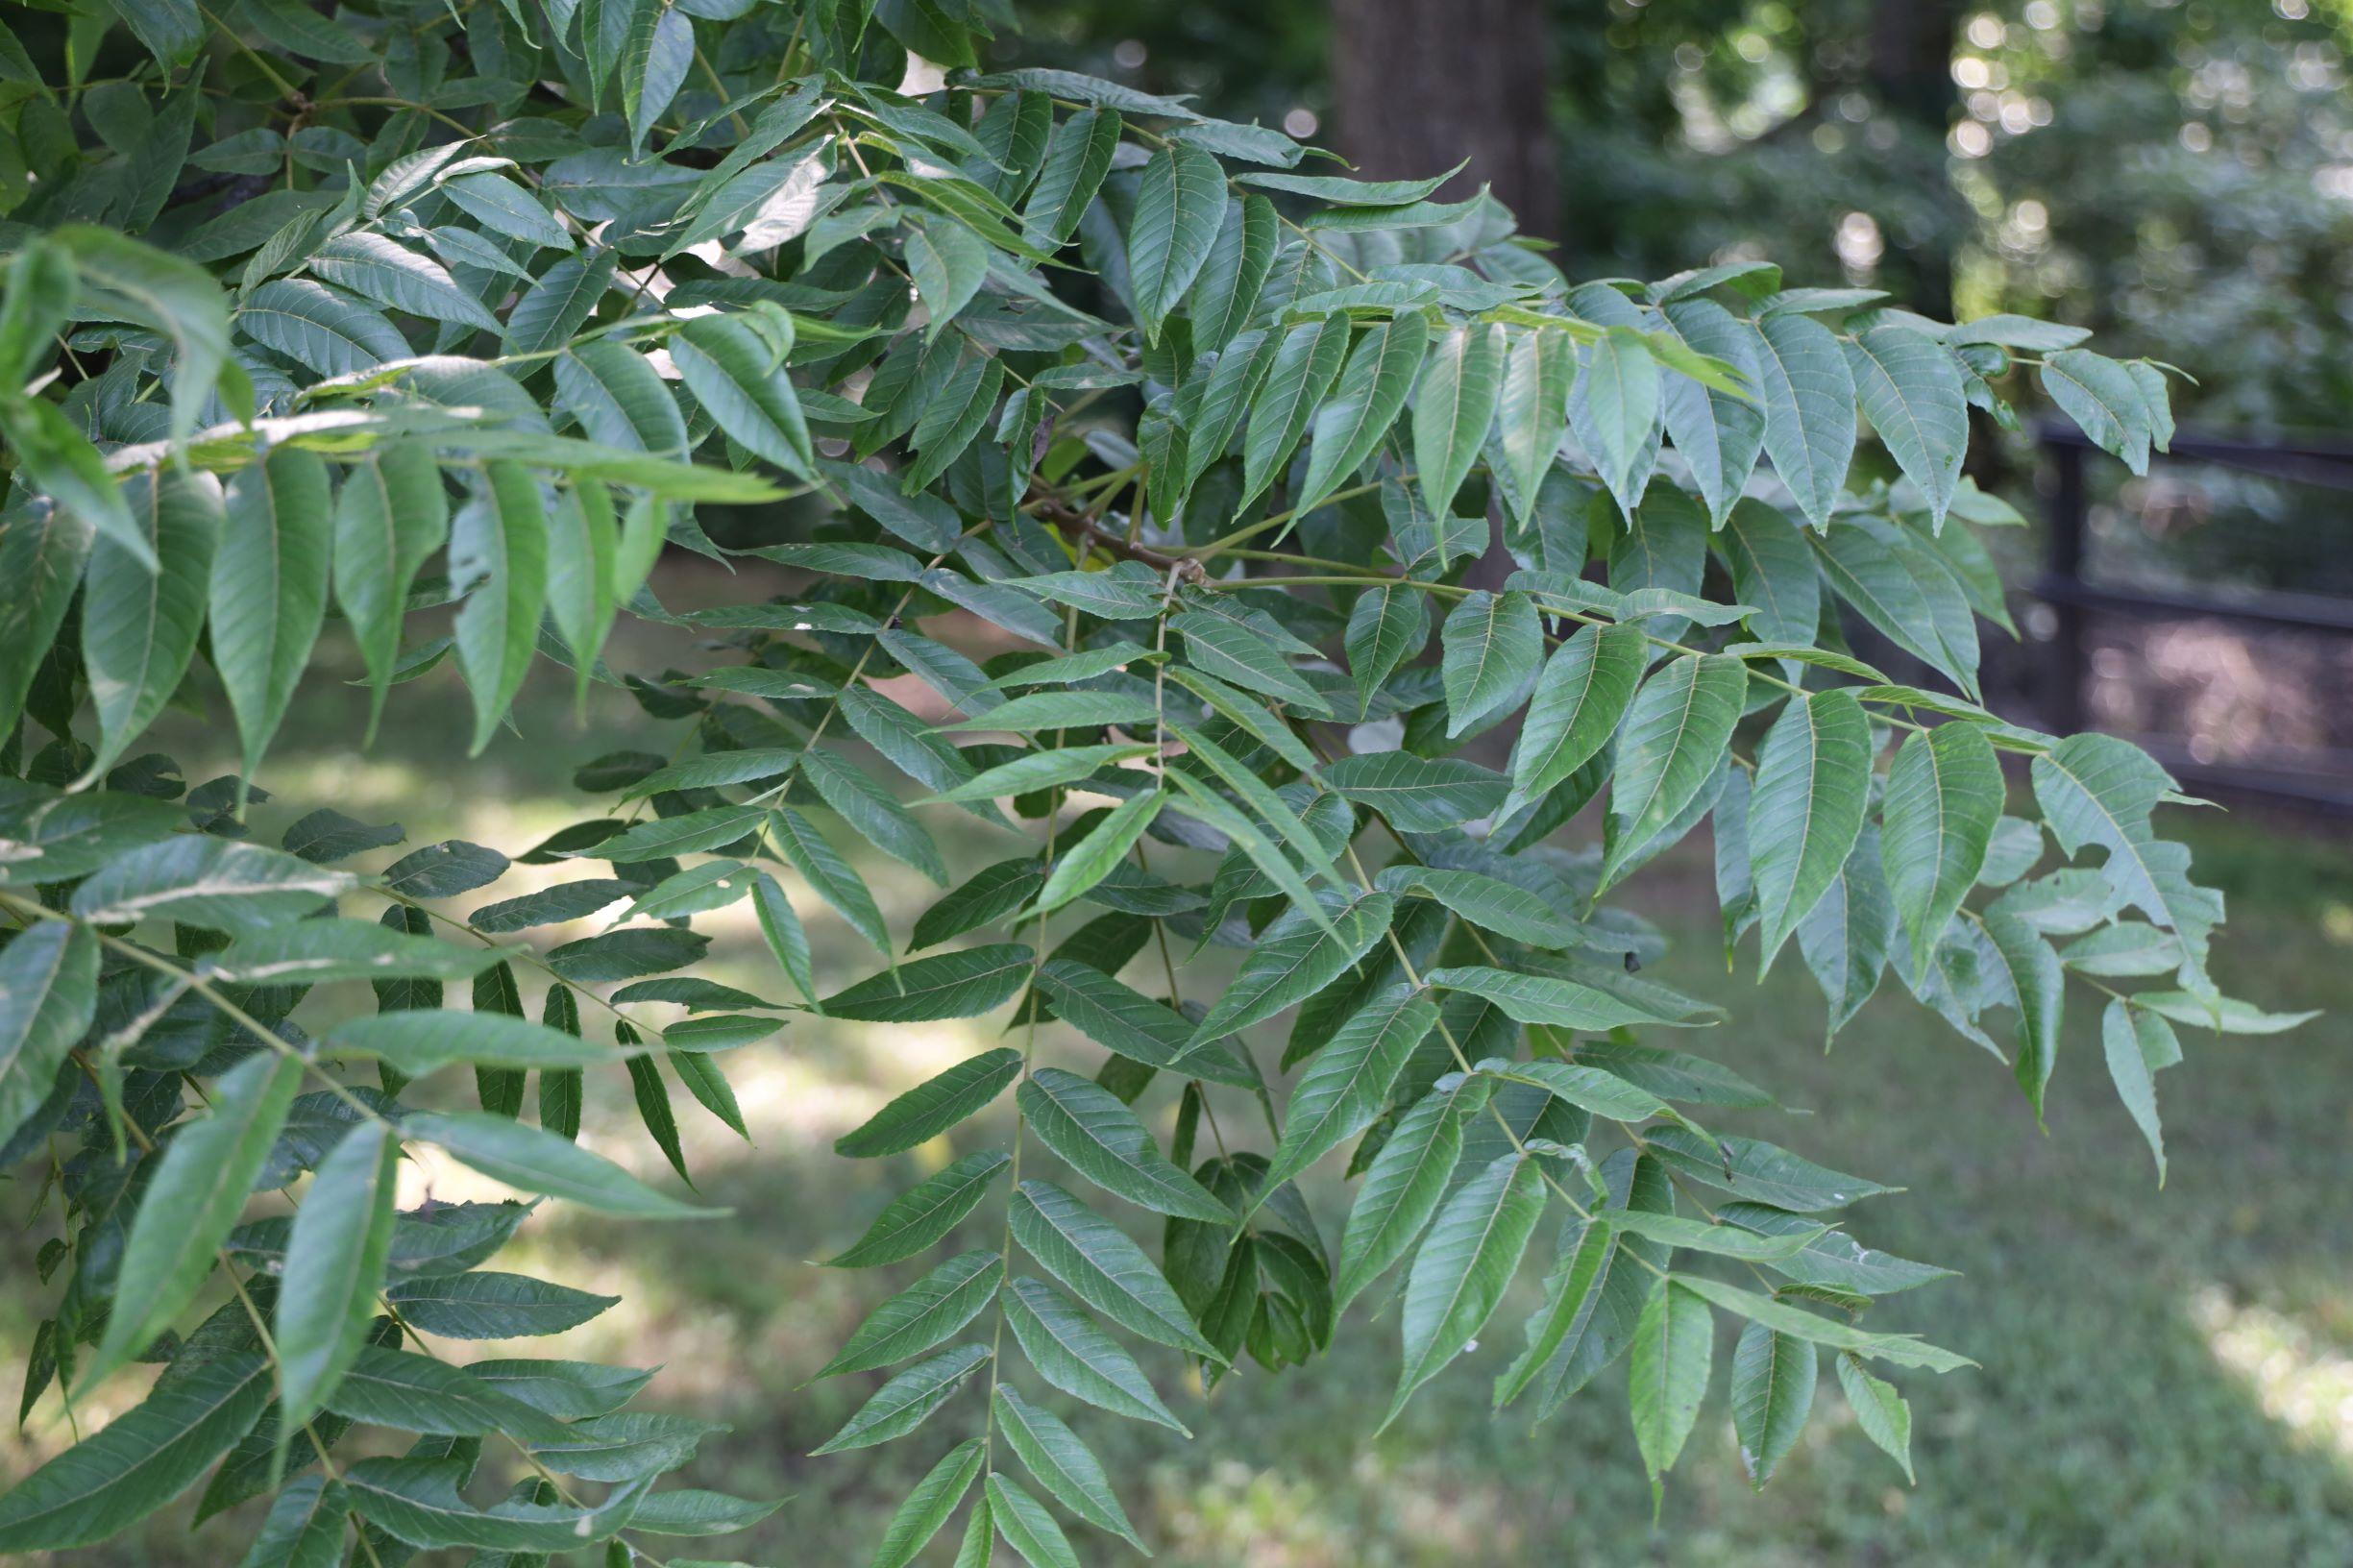 Black Walnut Leaves